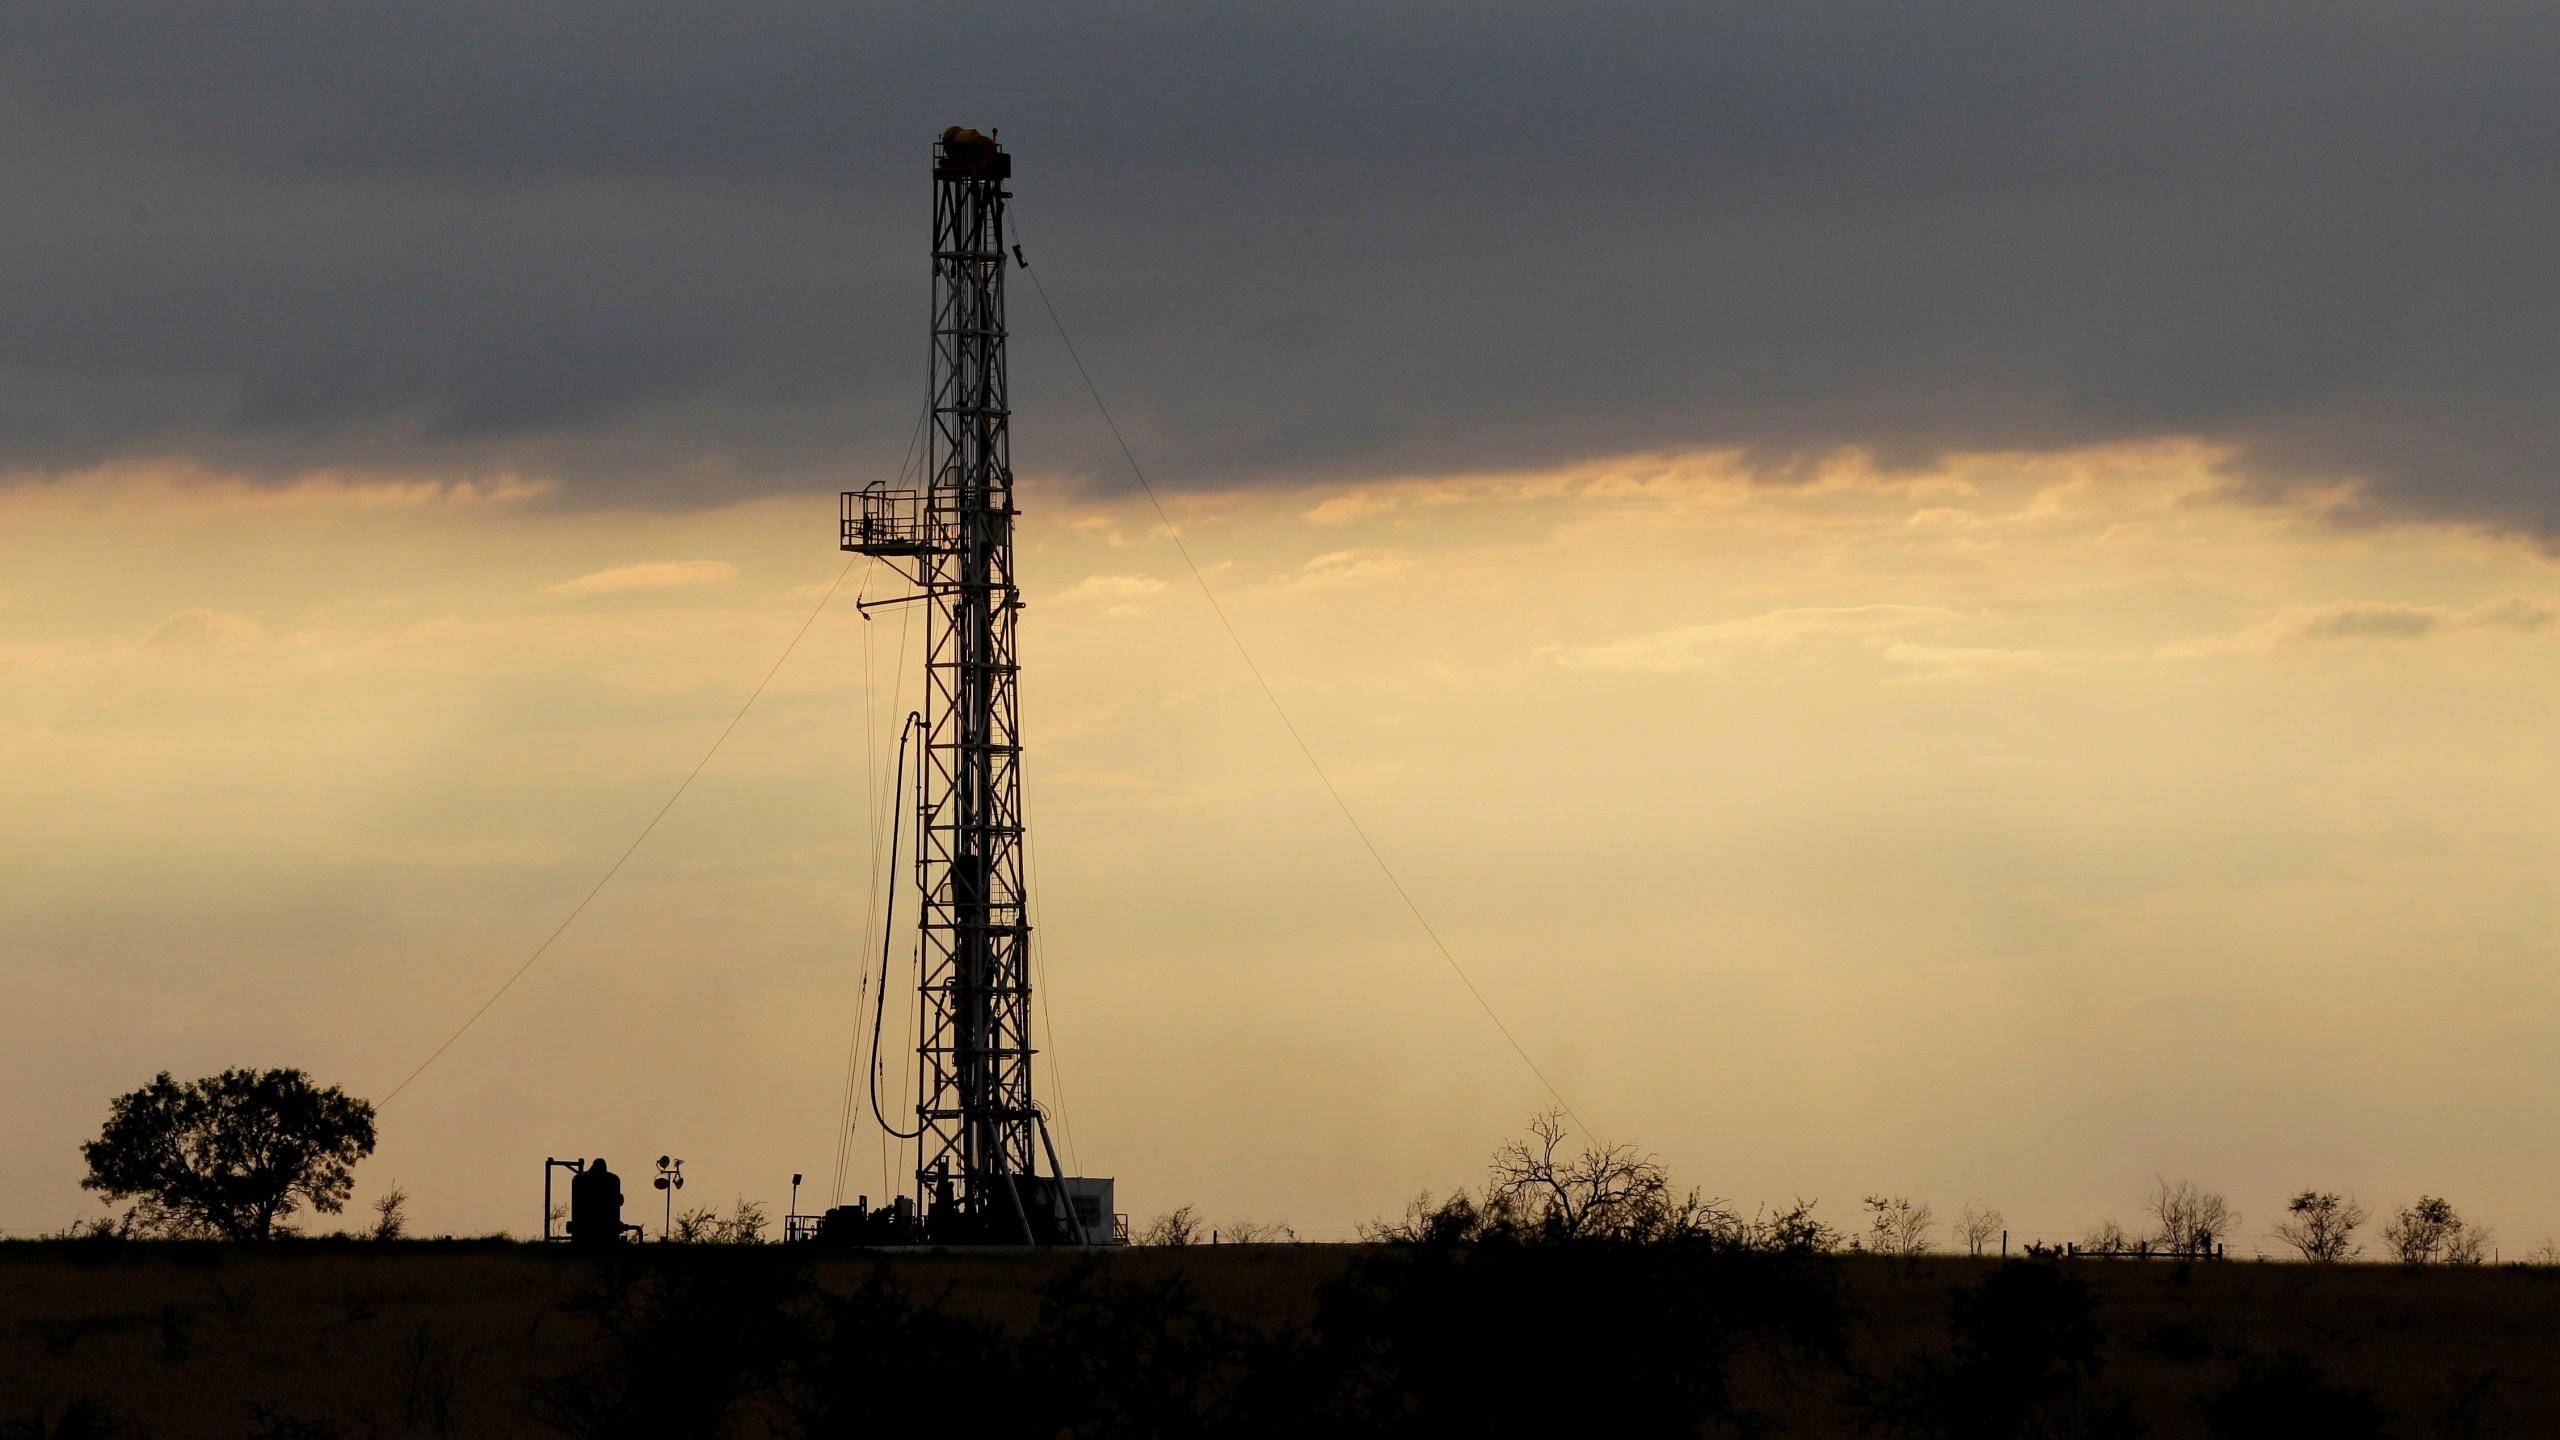 Oil_Market_12020-159532.jpg34749976